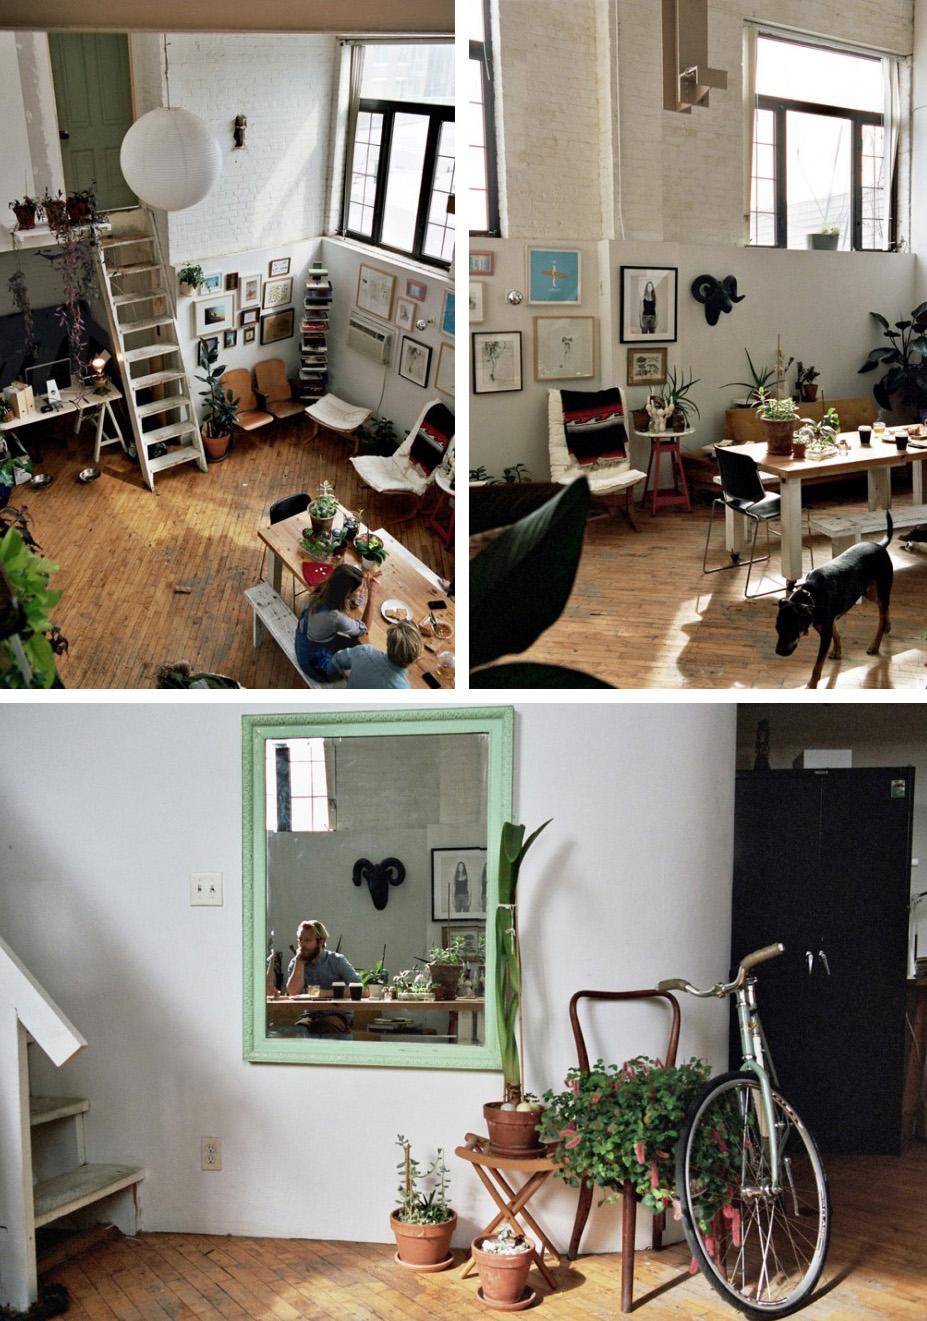 Jessica Barensfeld & Simon Howell home via Freunde von Freunden, Photograph Brian W. Ferry